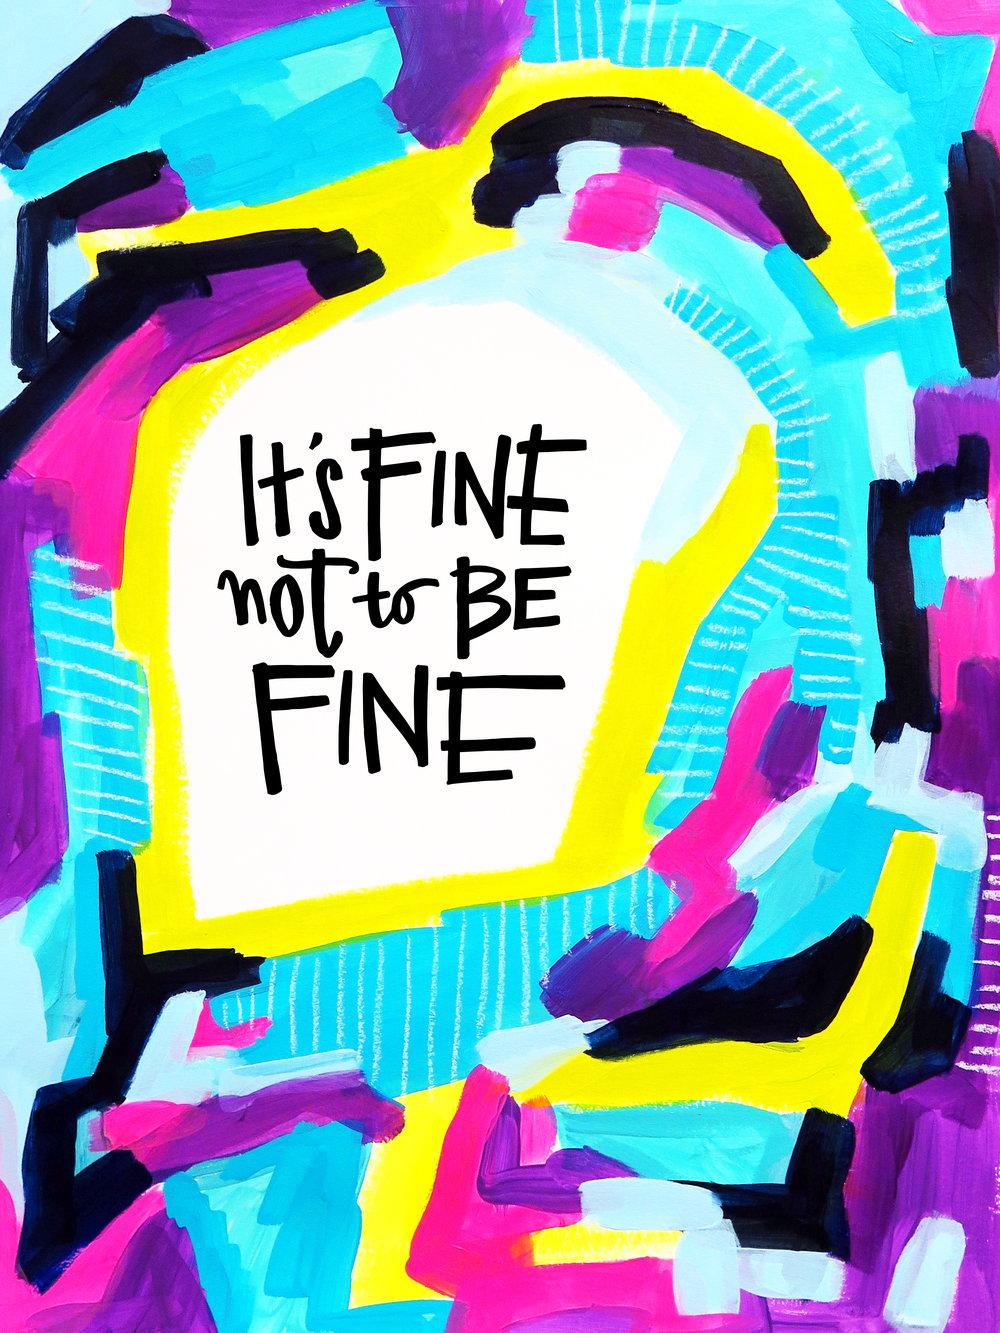 4/22/16: Fine